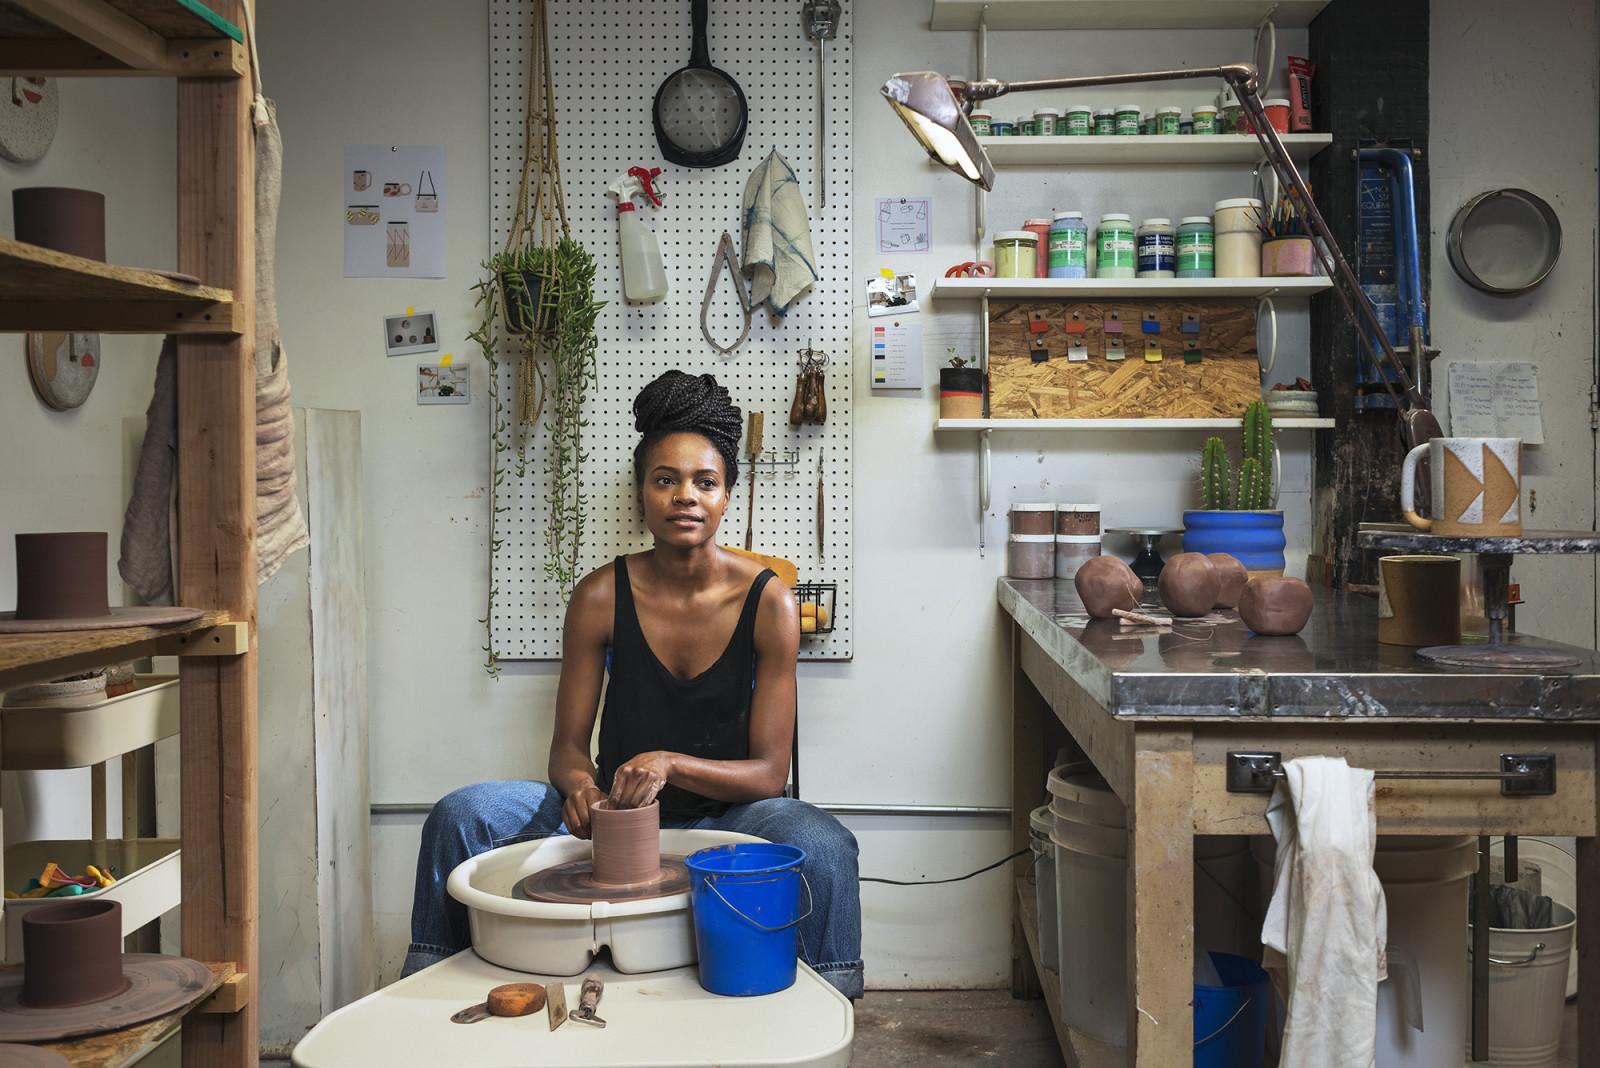 Kenesha Sneed, Artist